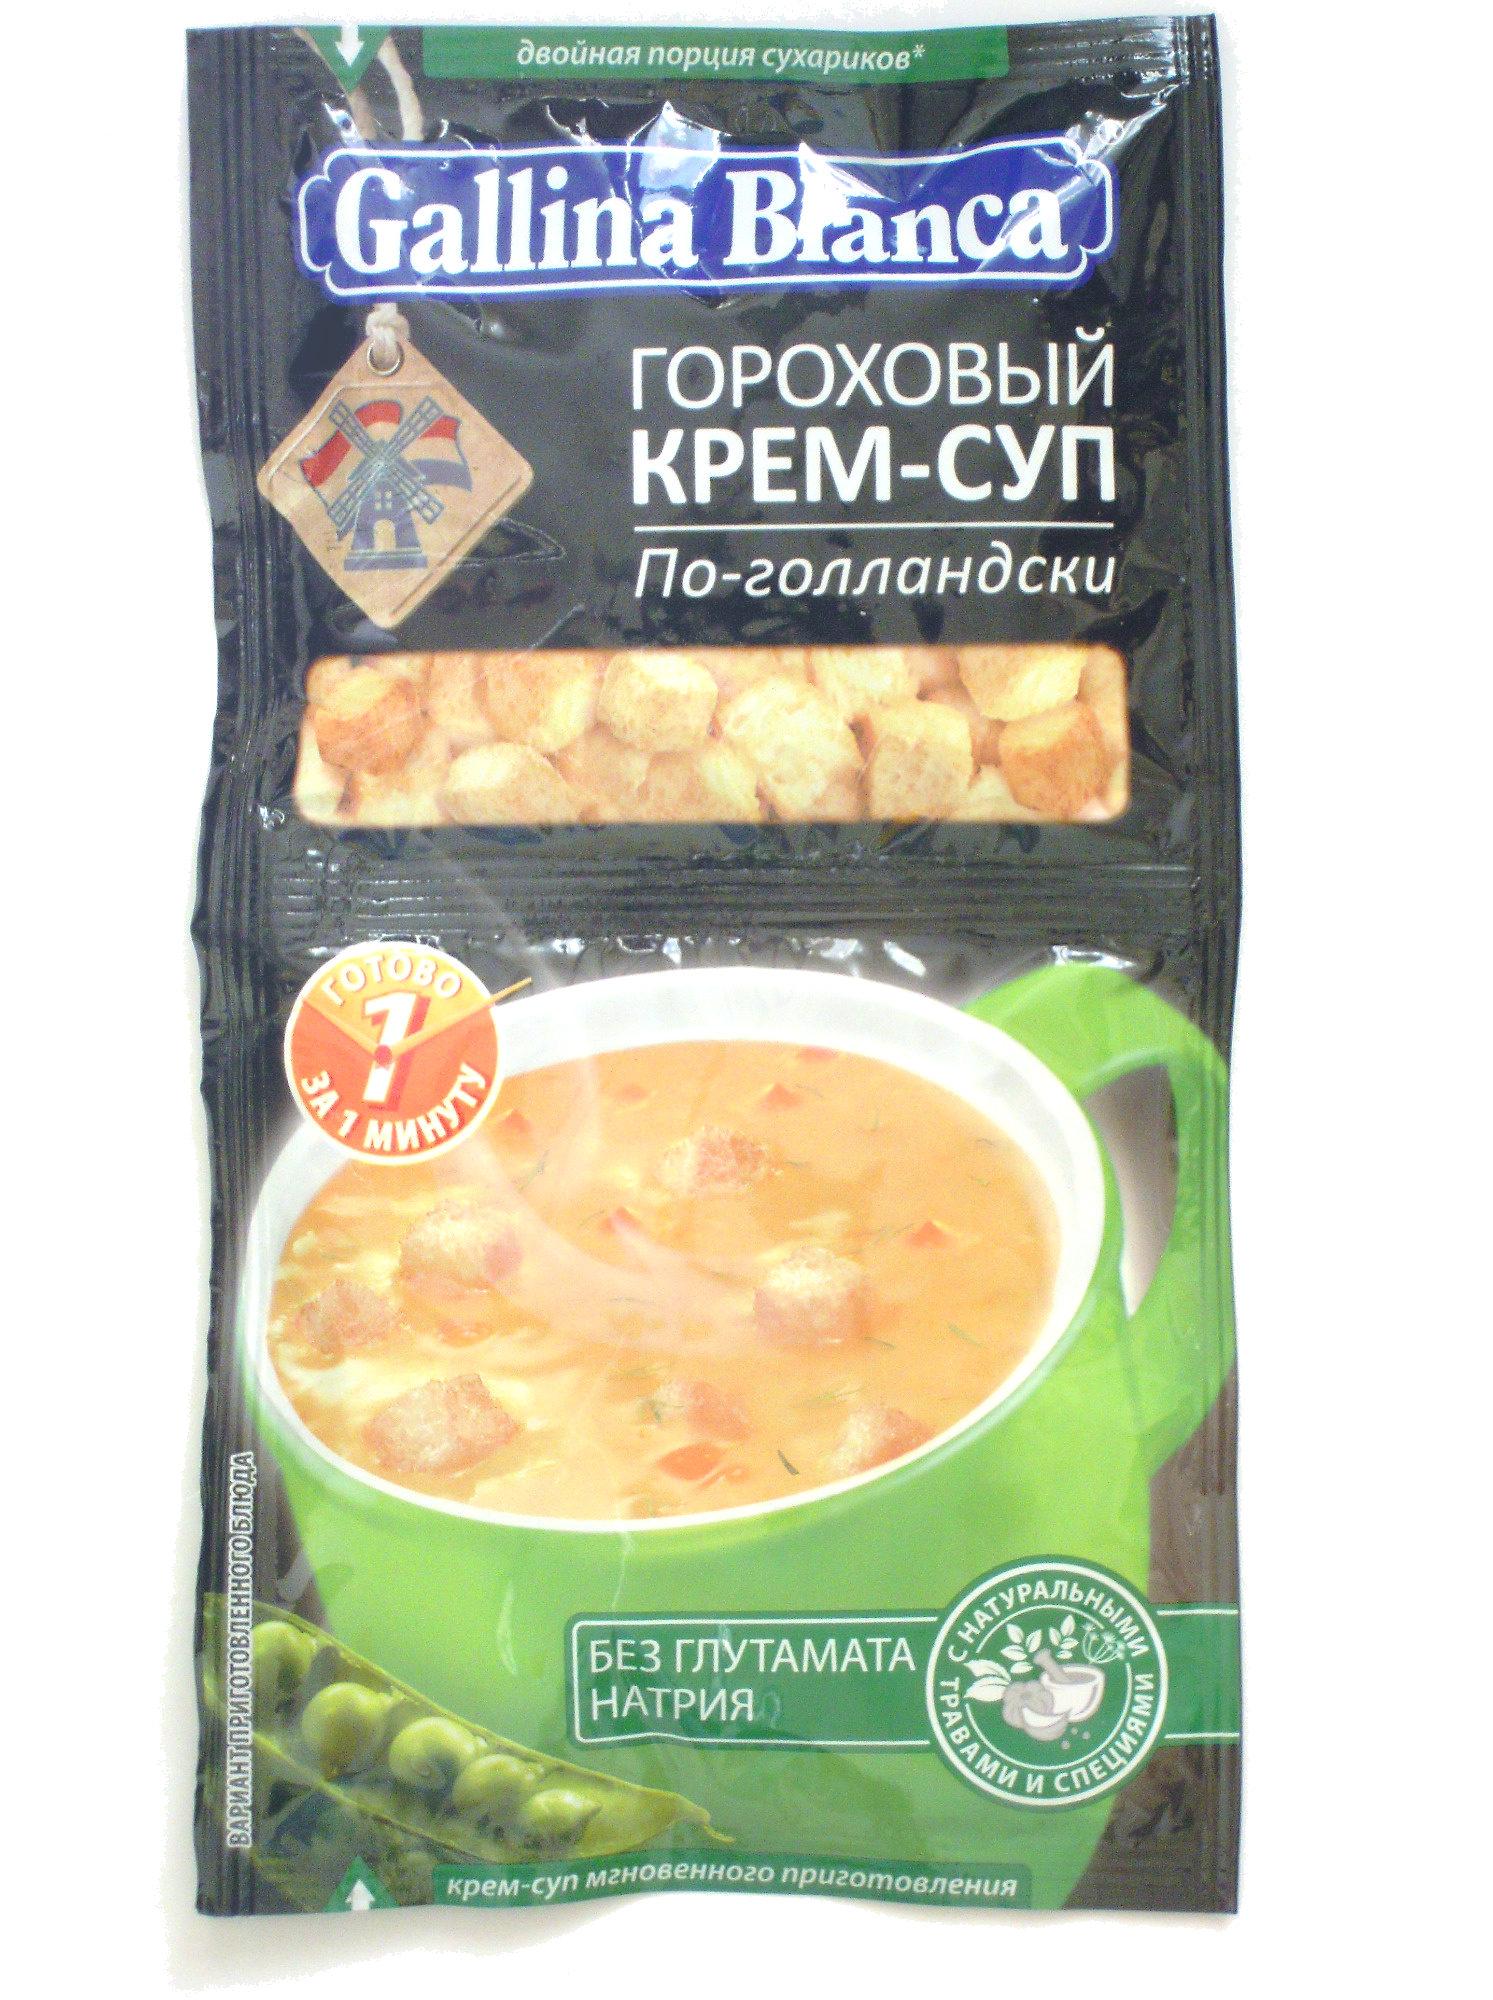 Гороховый крем-суп «По-голландски» - Product